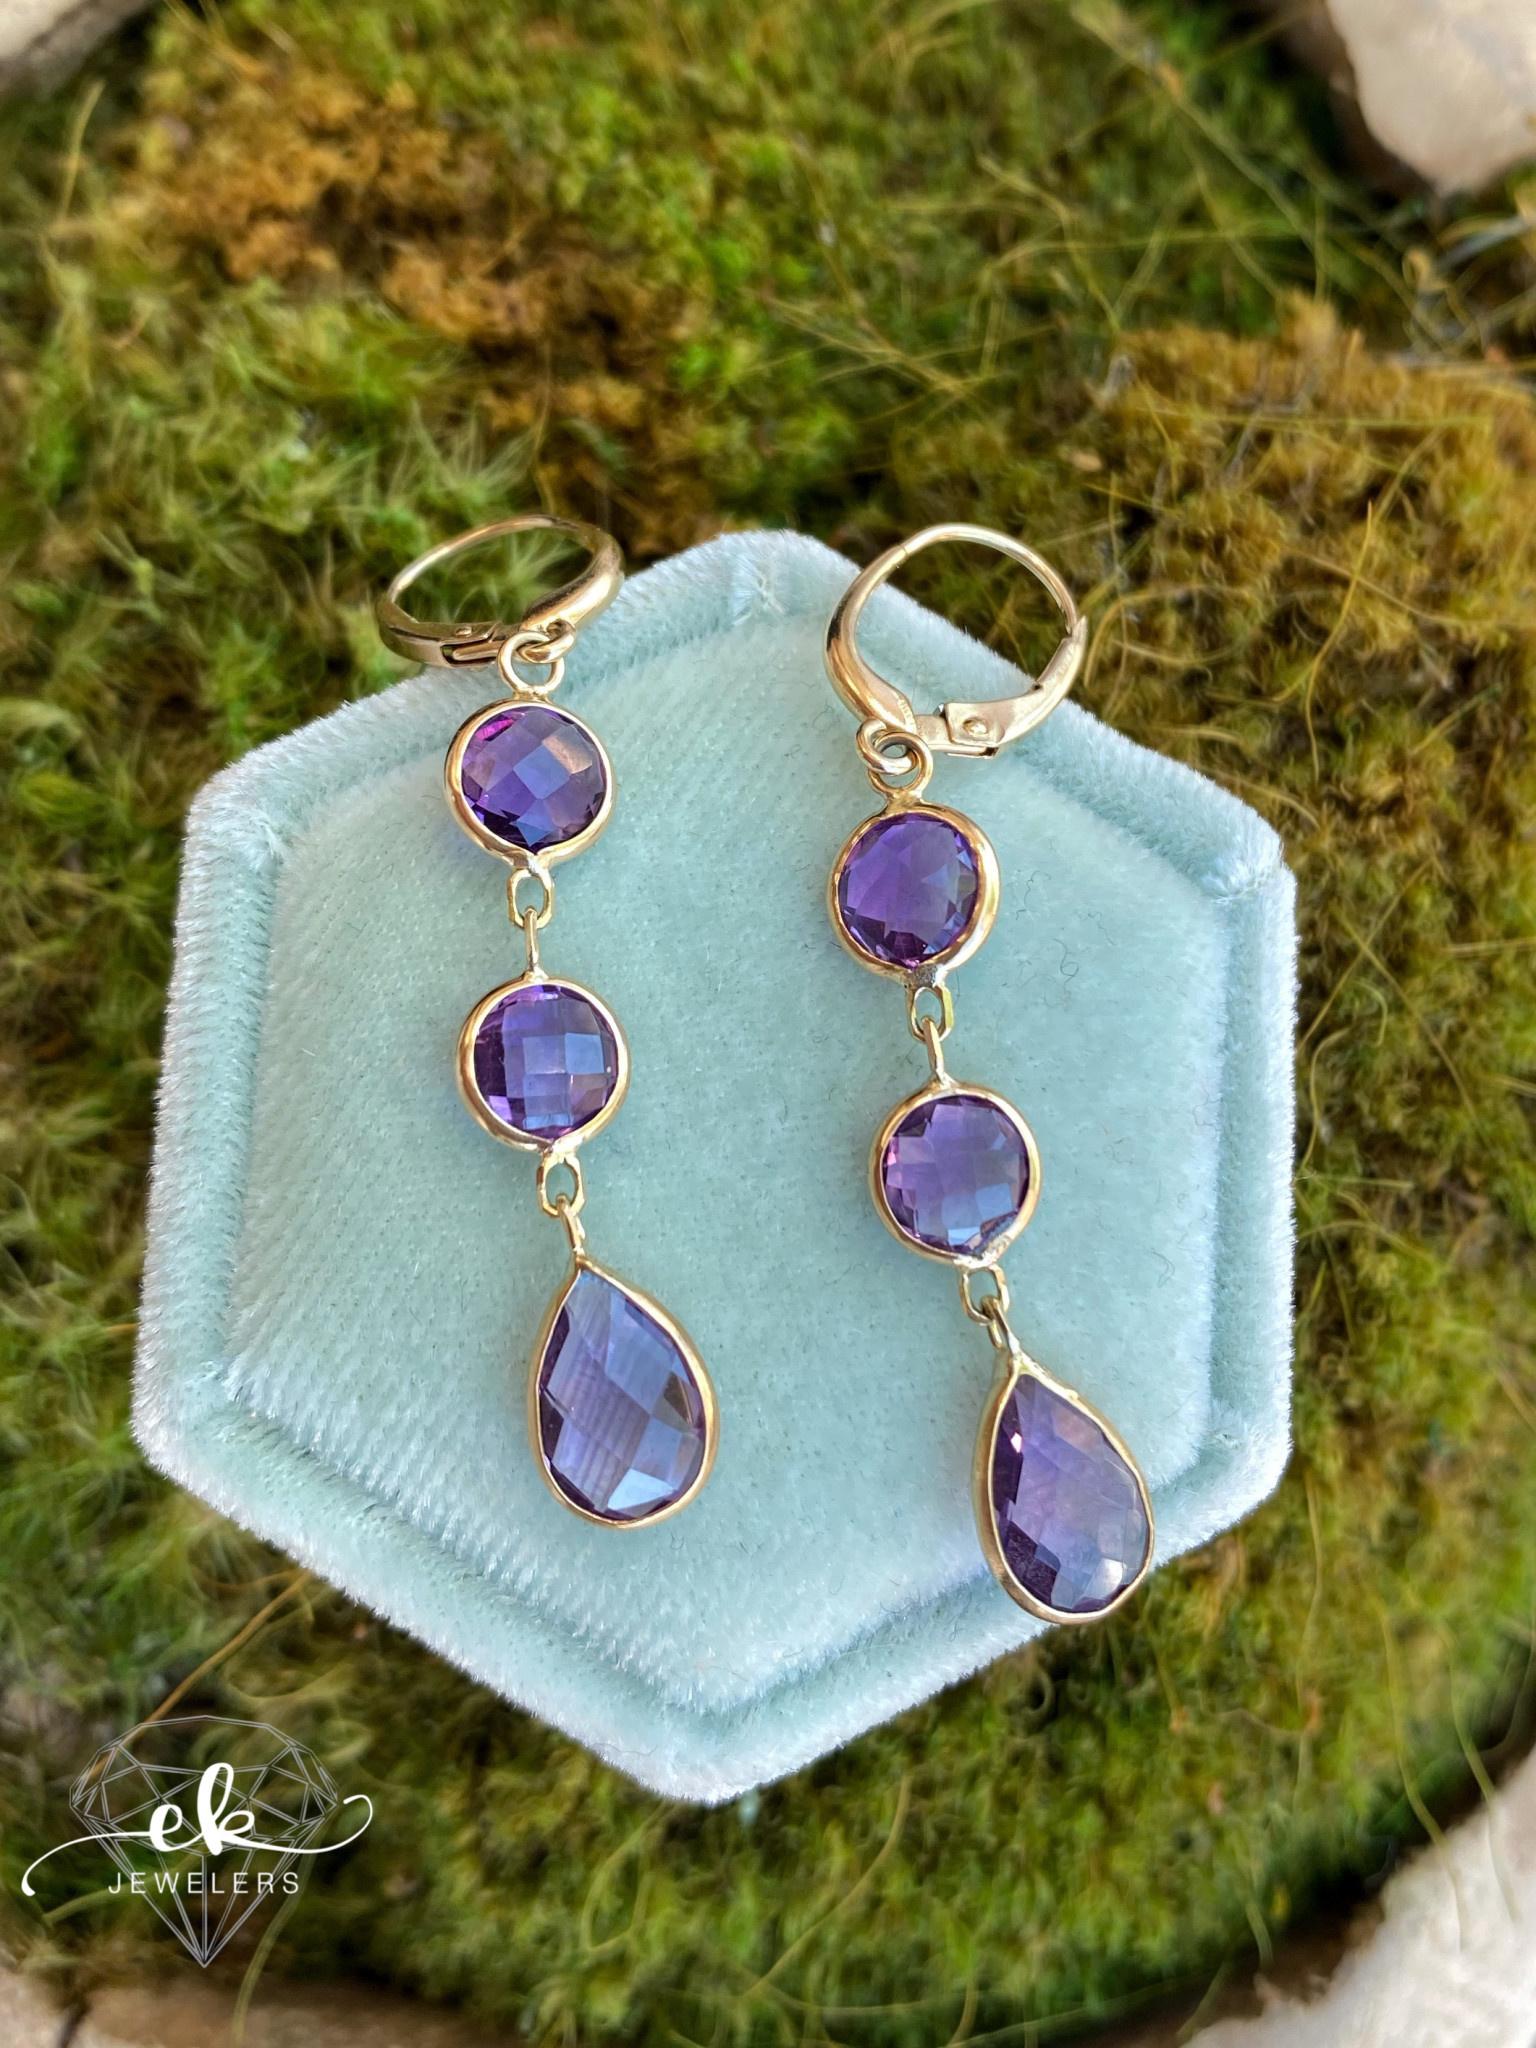 14kK Yellow Gold Amethyst Dangle Earrings